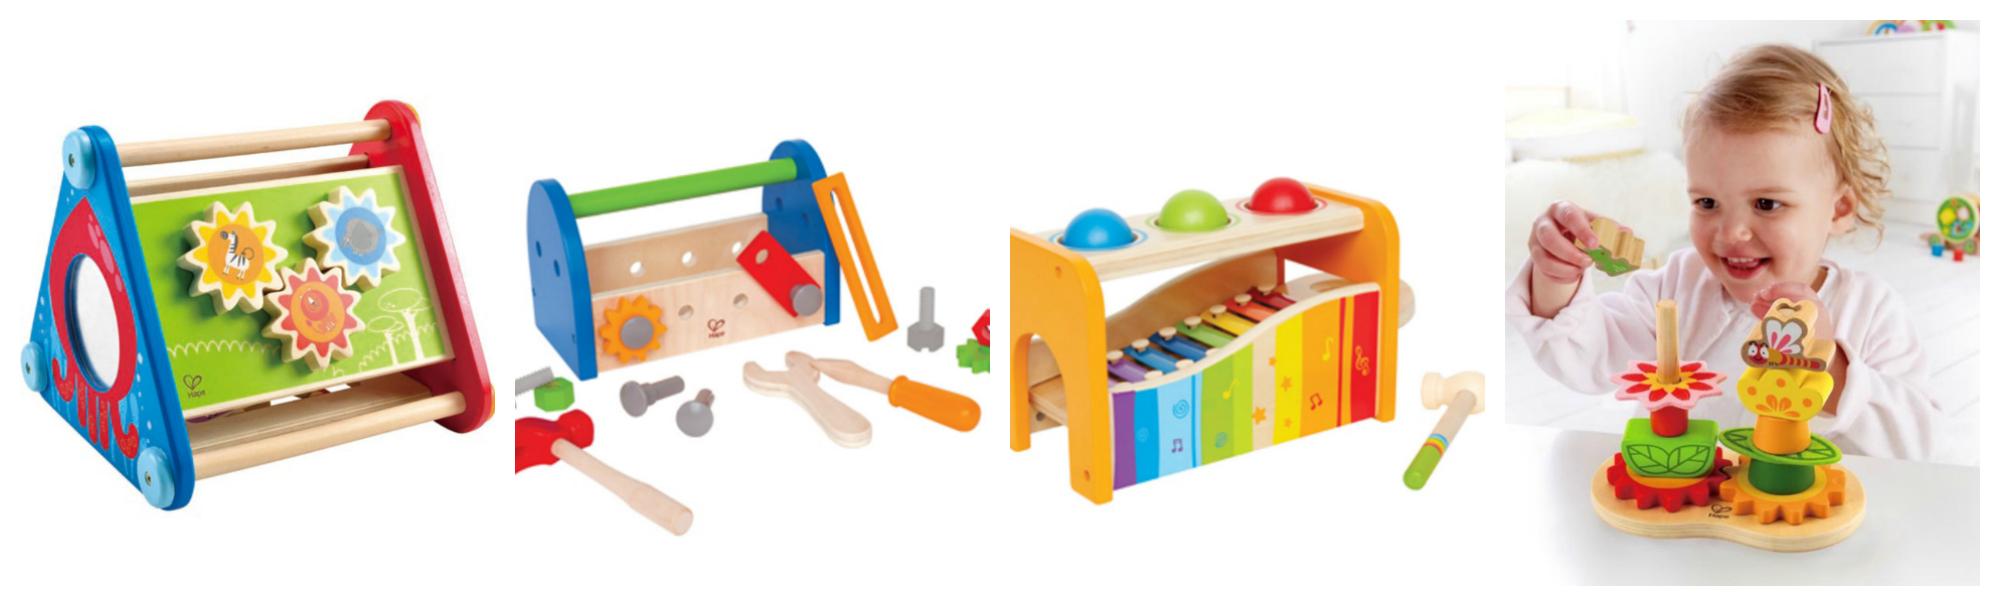 Dřevěné hračky pro nejmenší Hape